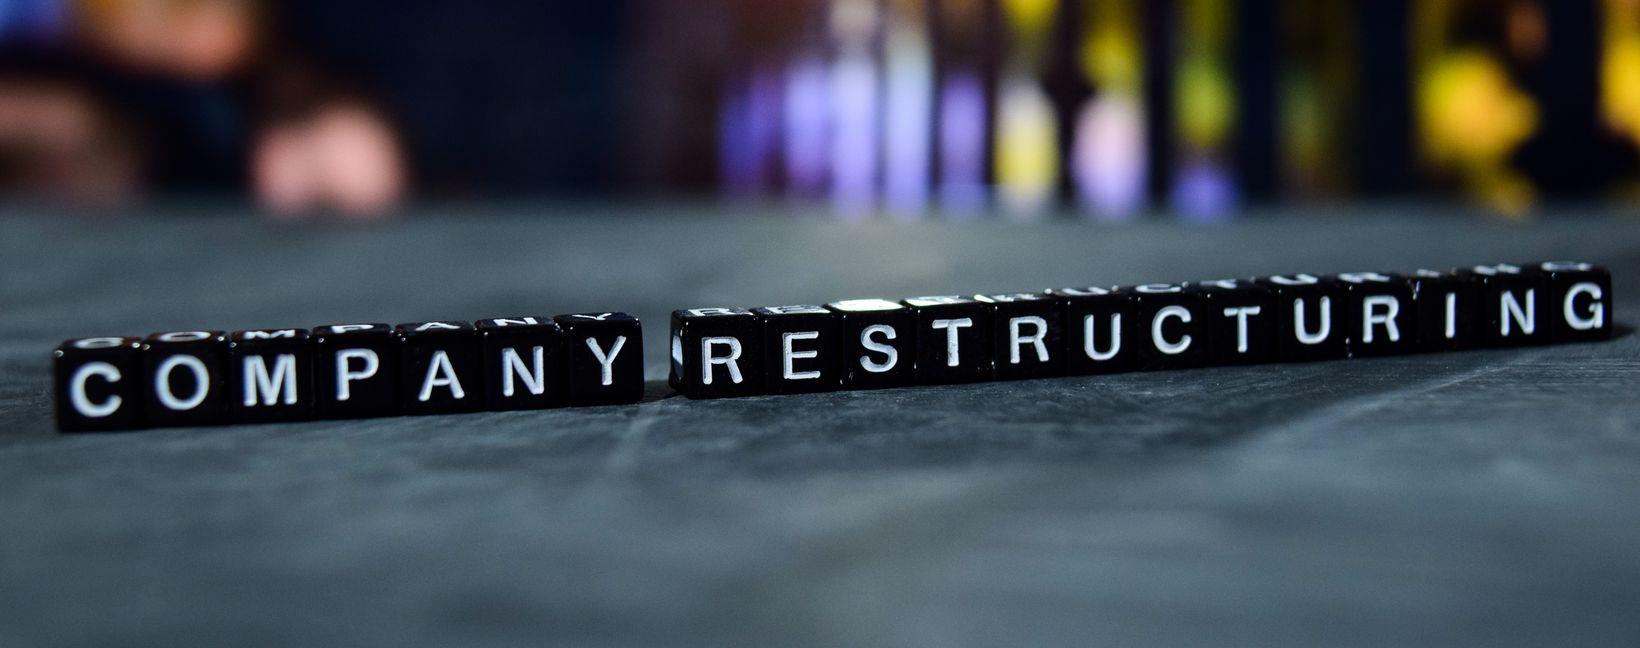 Restrukturierung Unternehmensverkauf